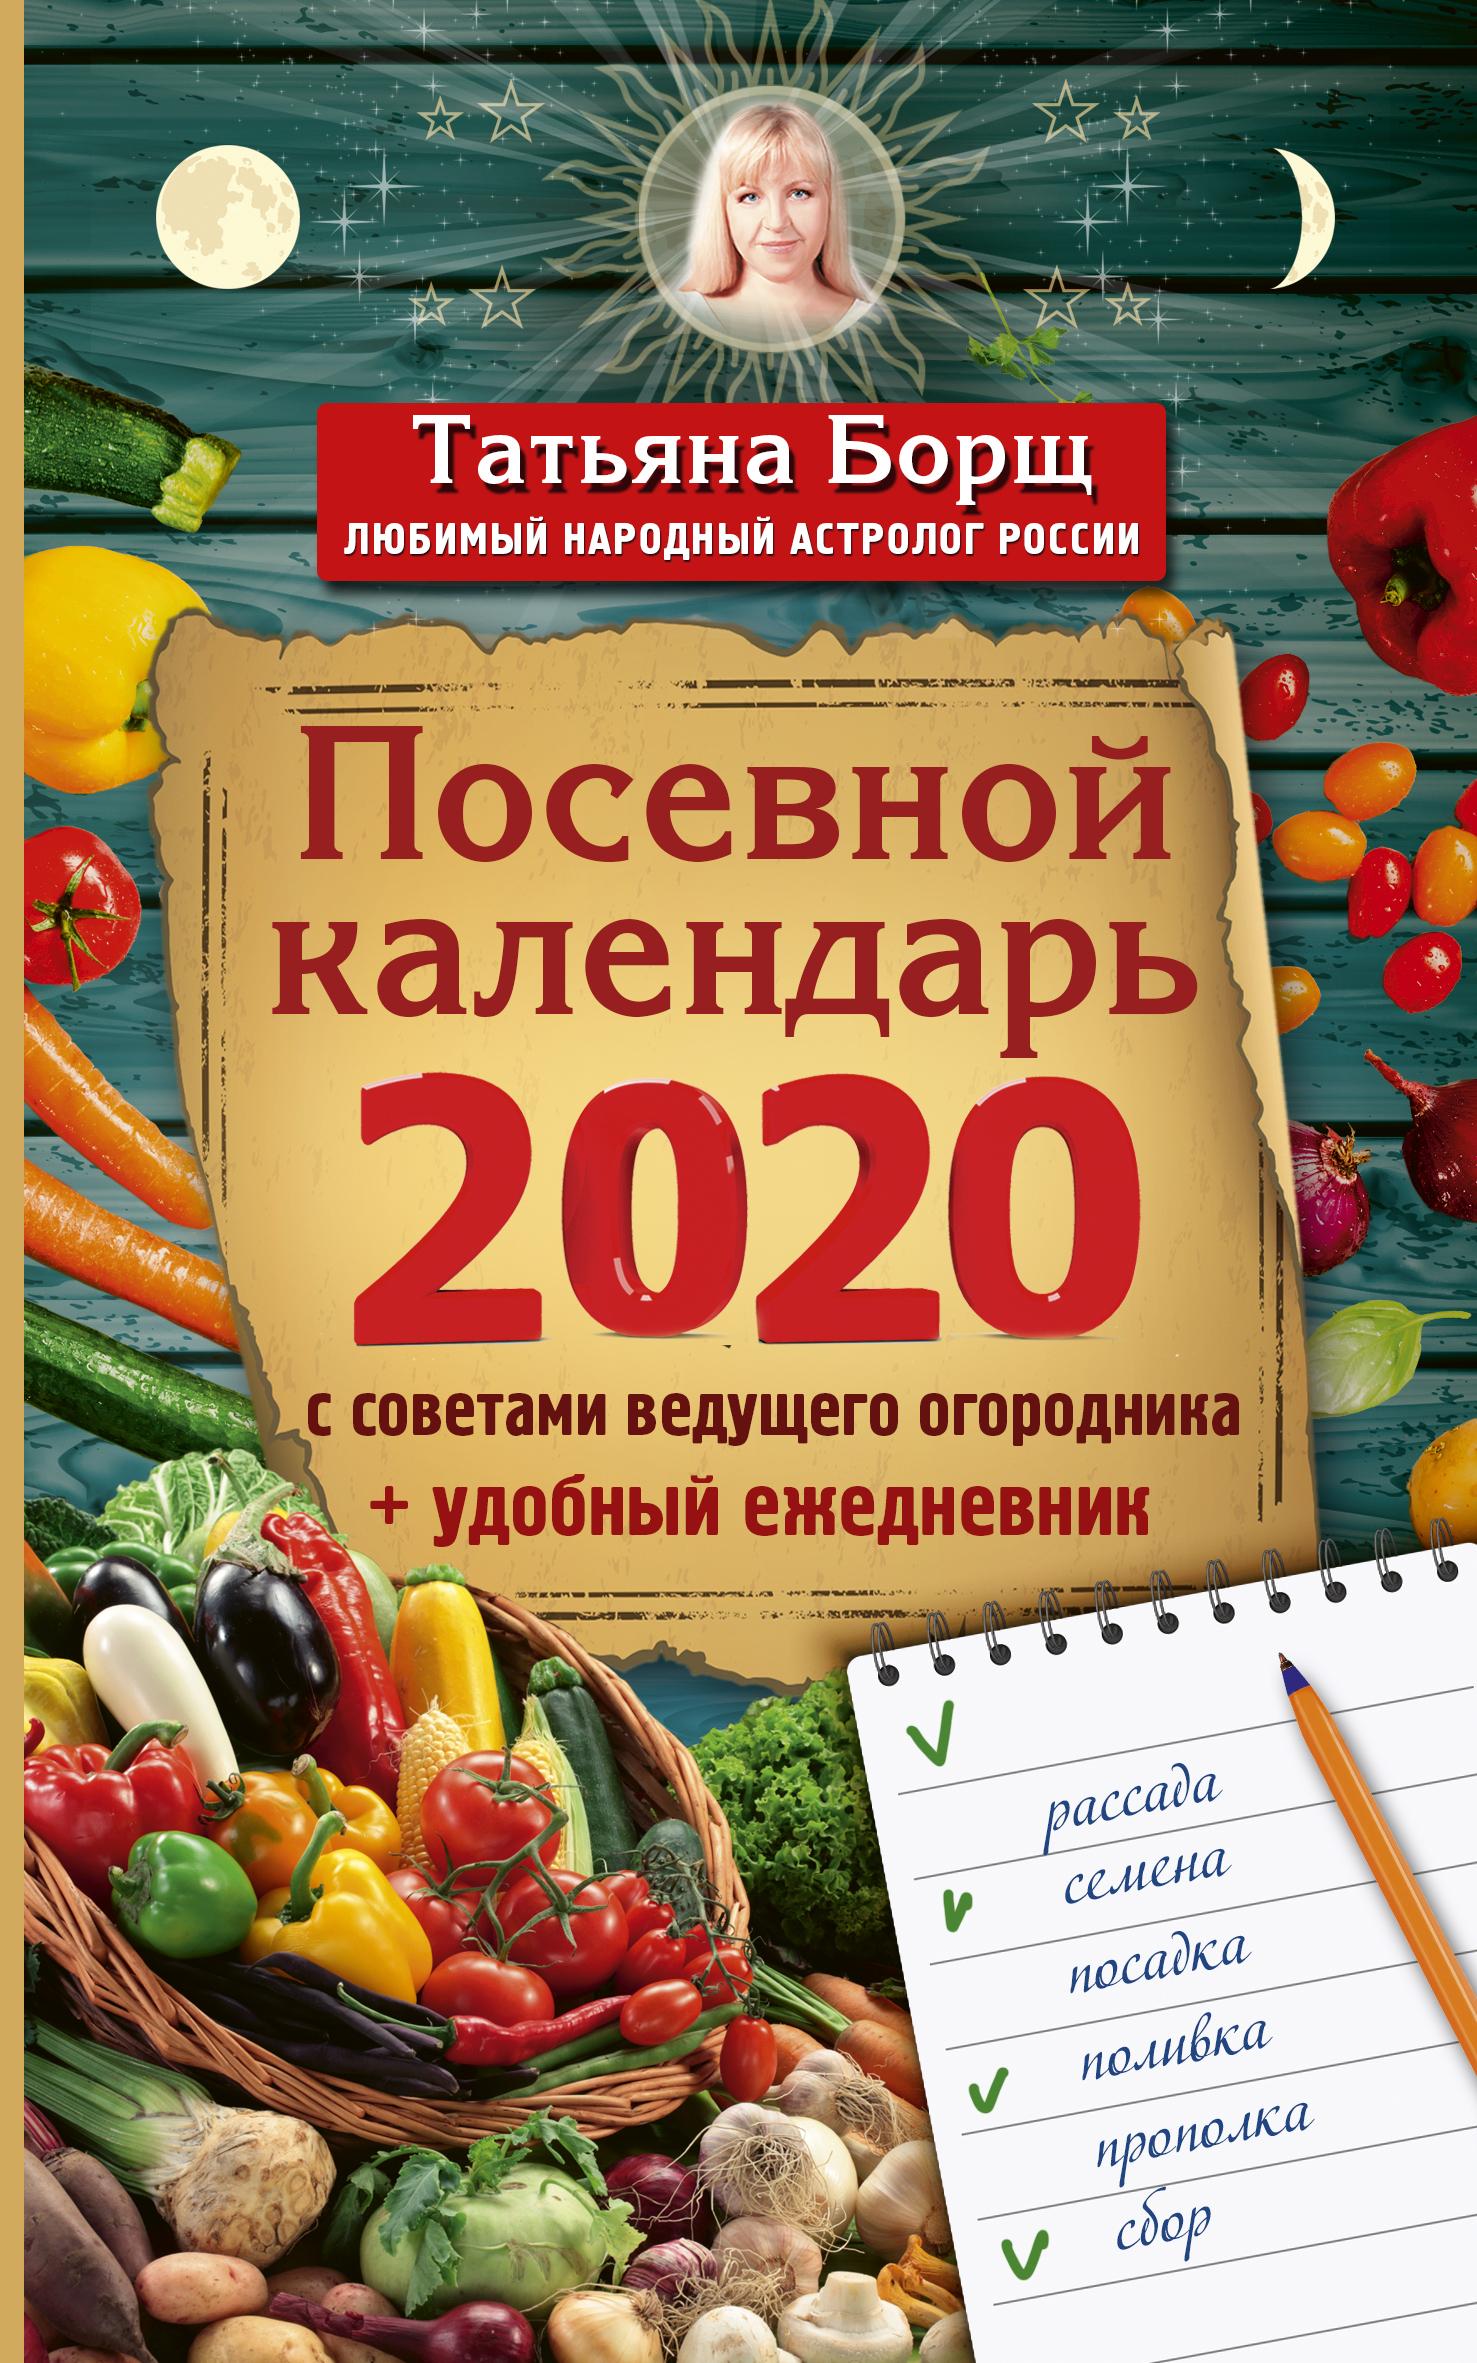 Борщ Т., Бублик Б.А. Посевной календарь 2020 с советами ведущего огородника + удобный ежедневник